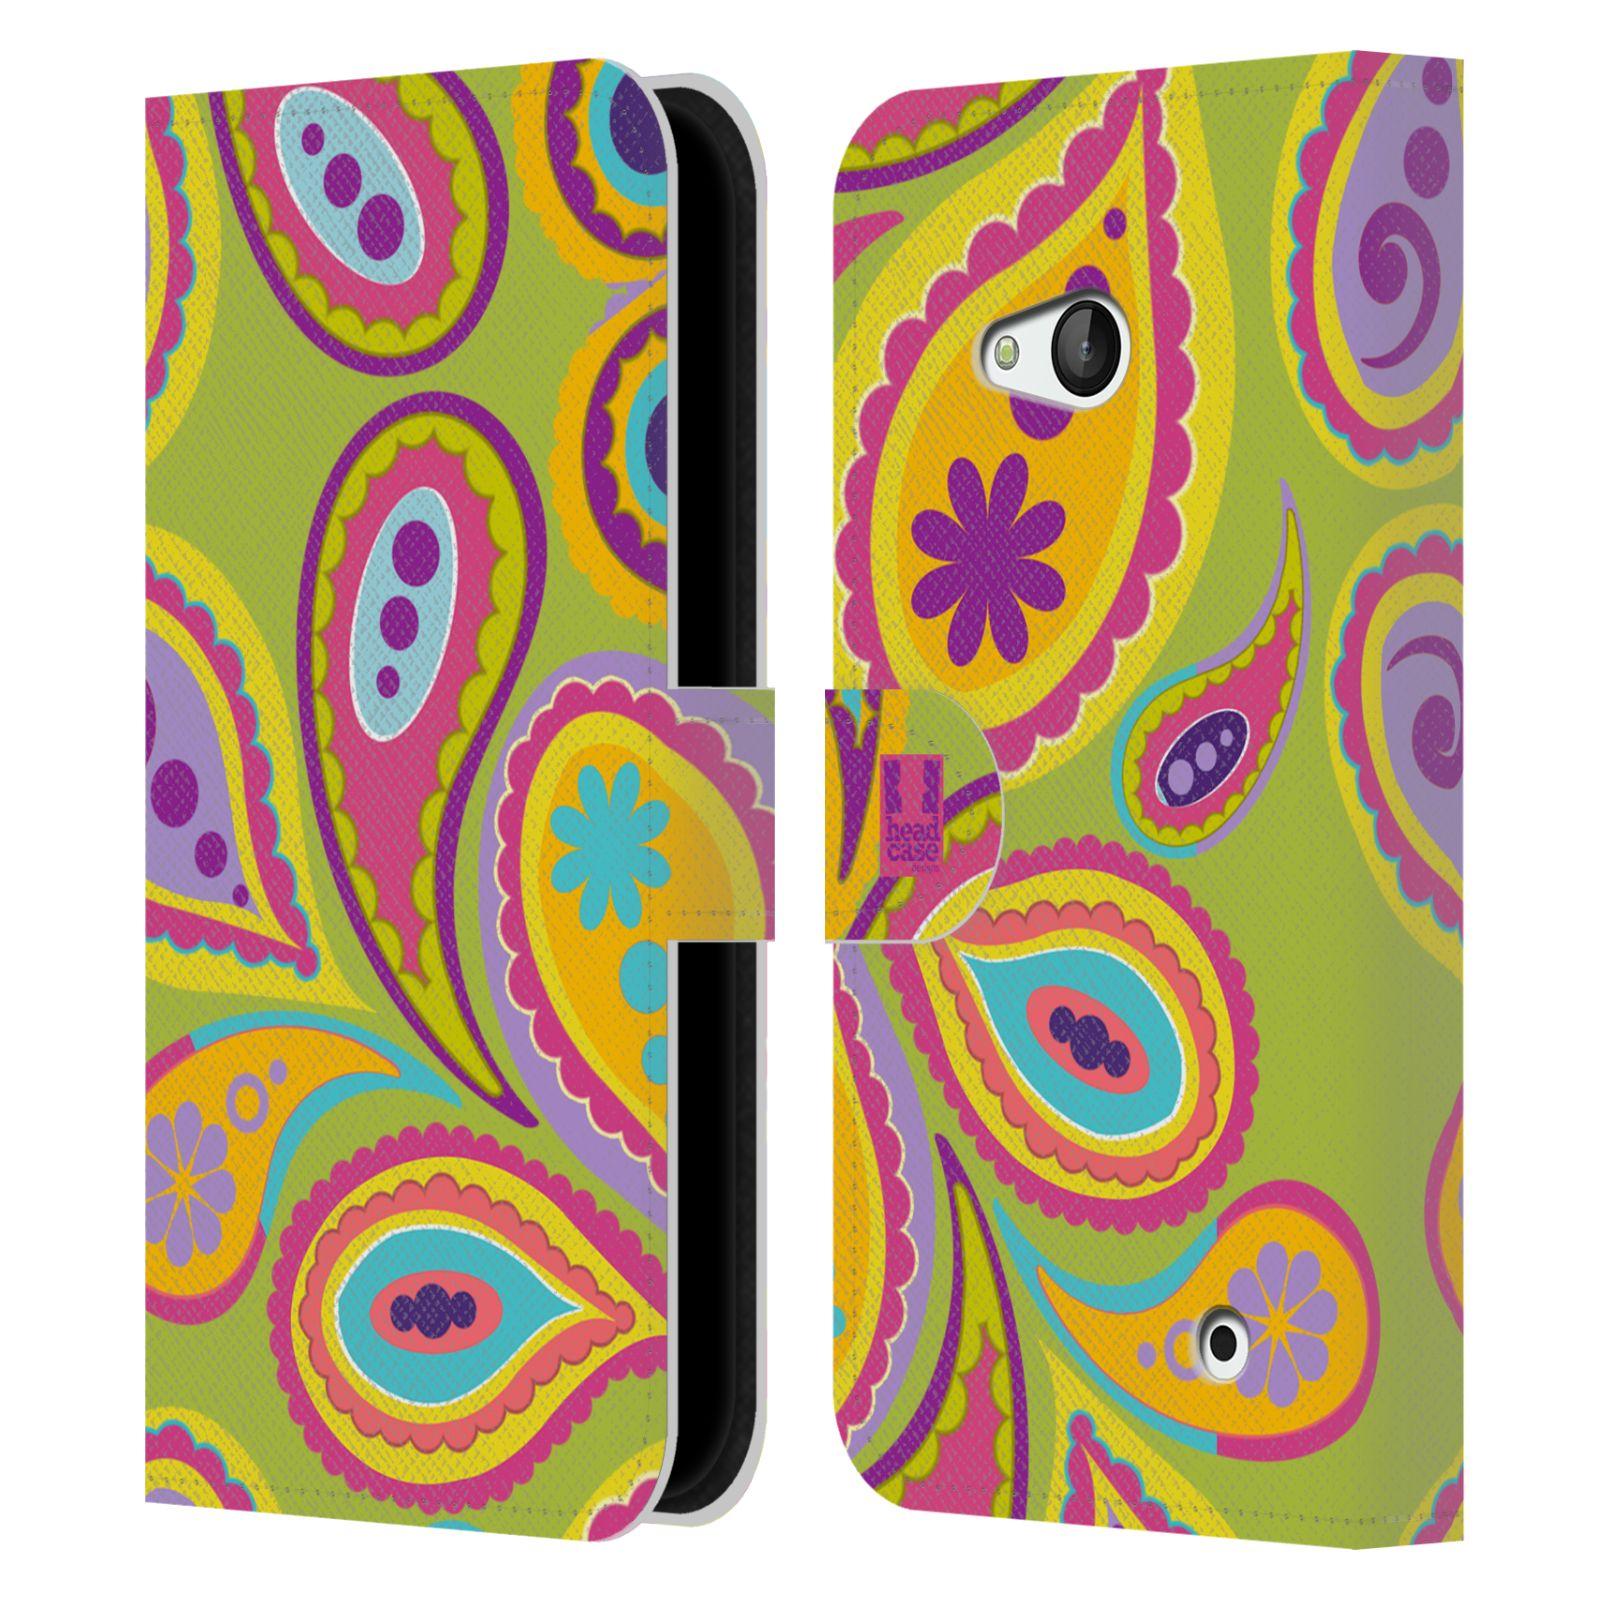 HEAD CASE Flipové pouzdro pro mobil NOKIA / MICROSOFT LUMIA 640 / LUMIA 640 DUAL barevné slzy KIWI